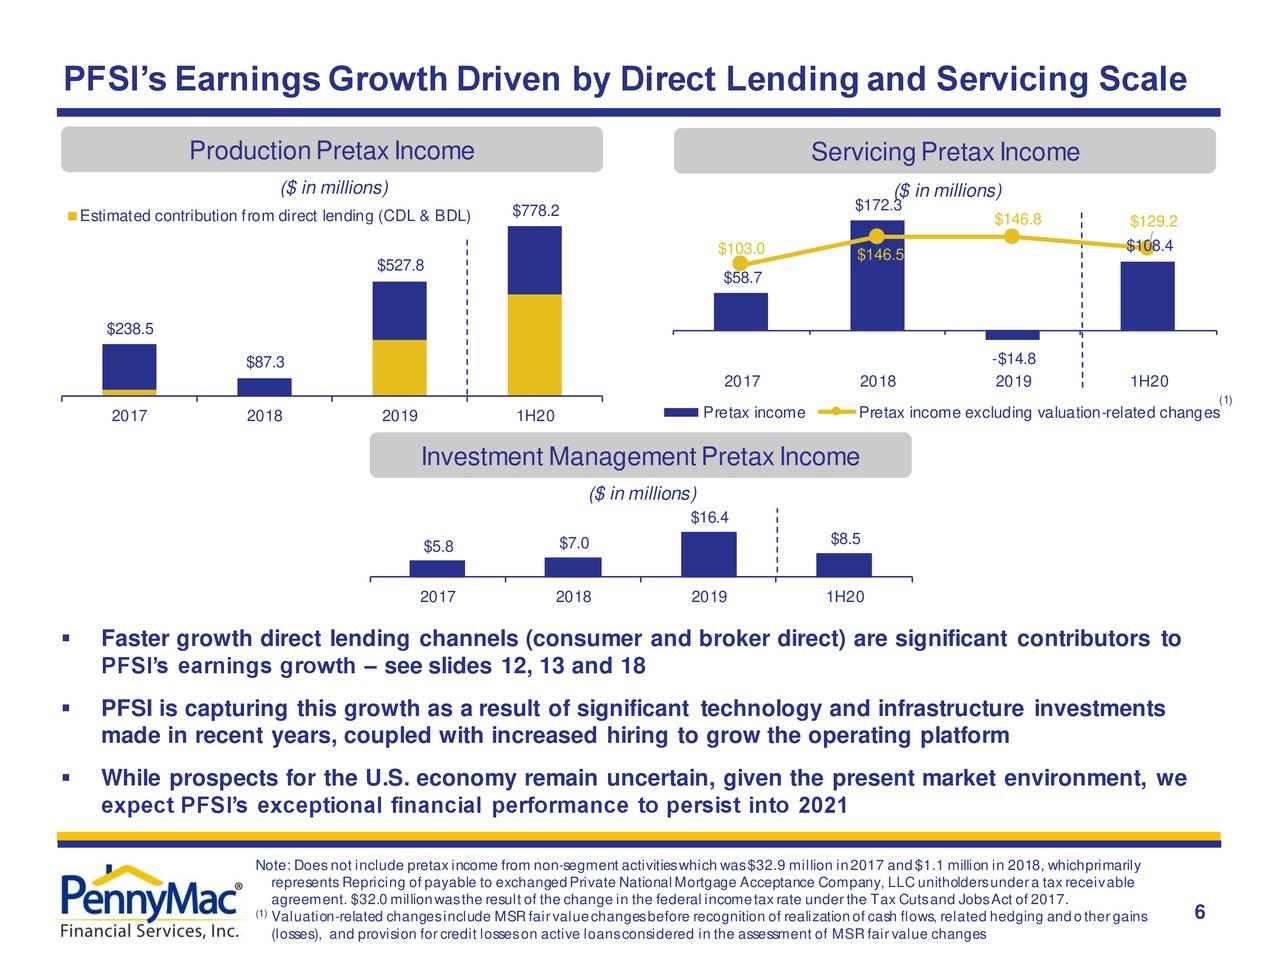 Ganancias de PFSI Crecimiento impulsado por préstamos directos y escala de servicios